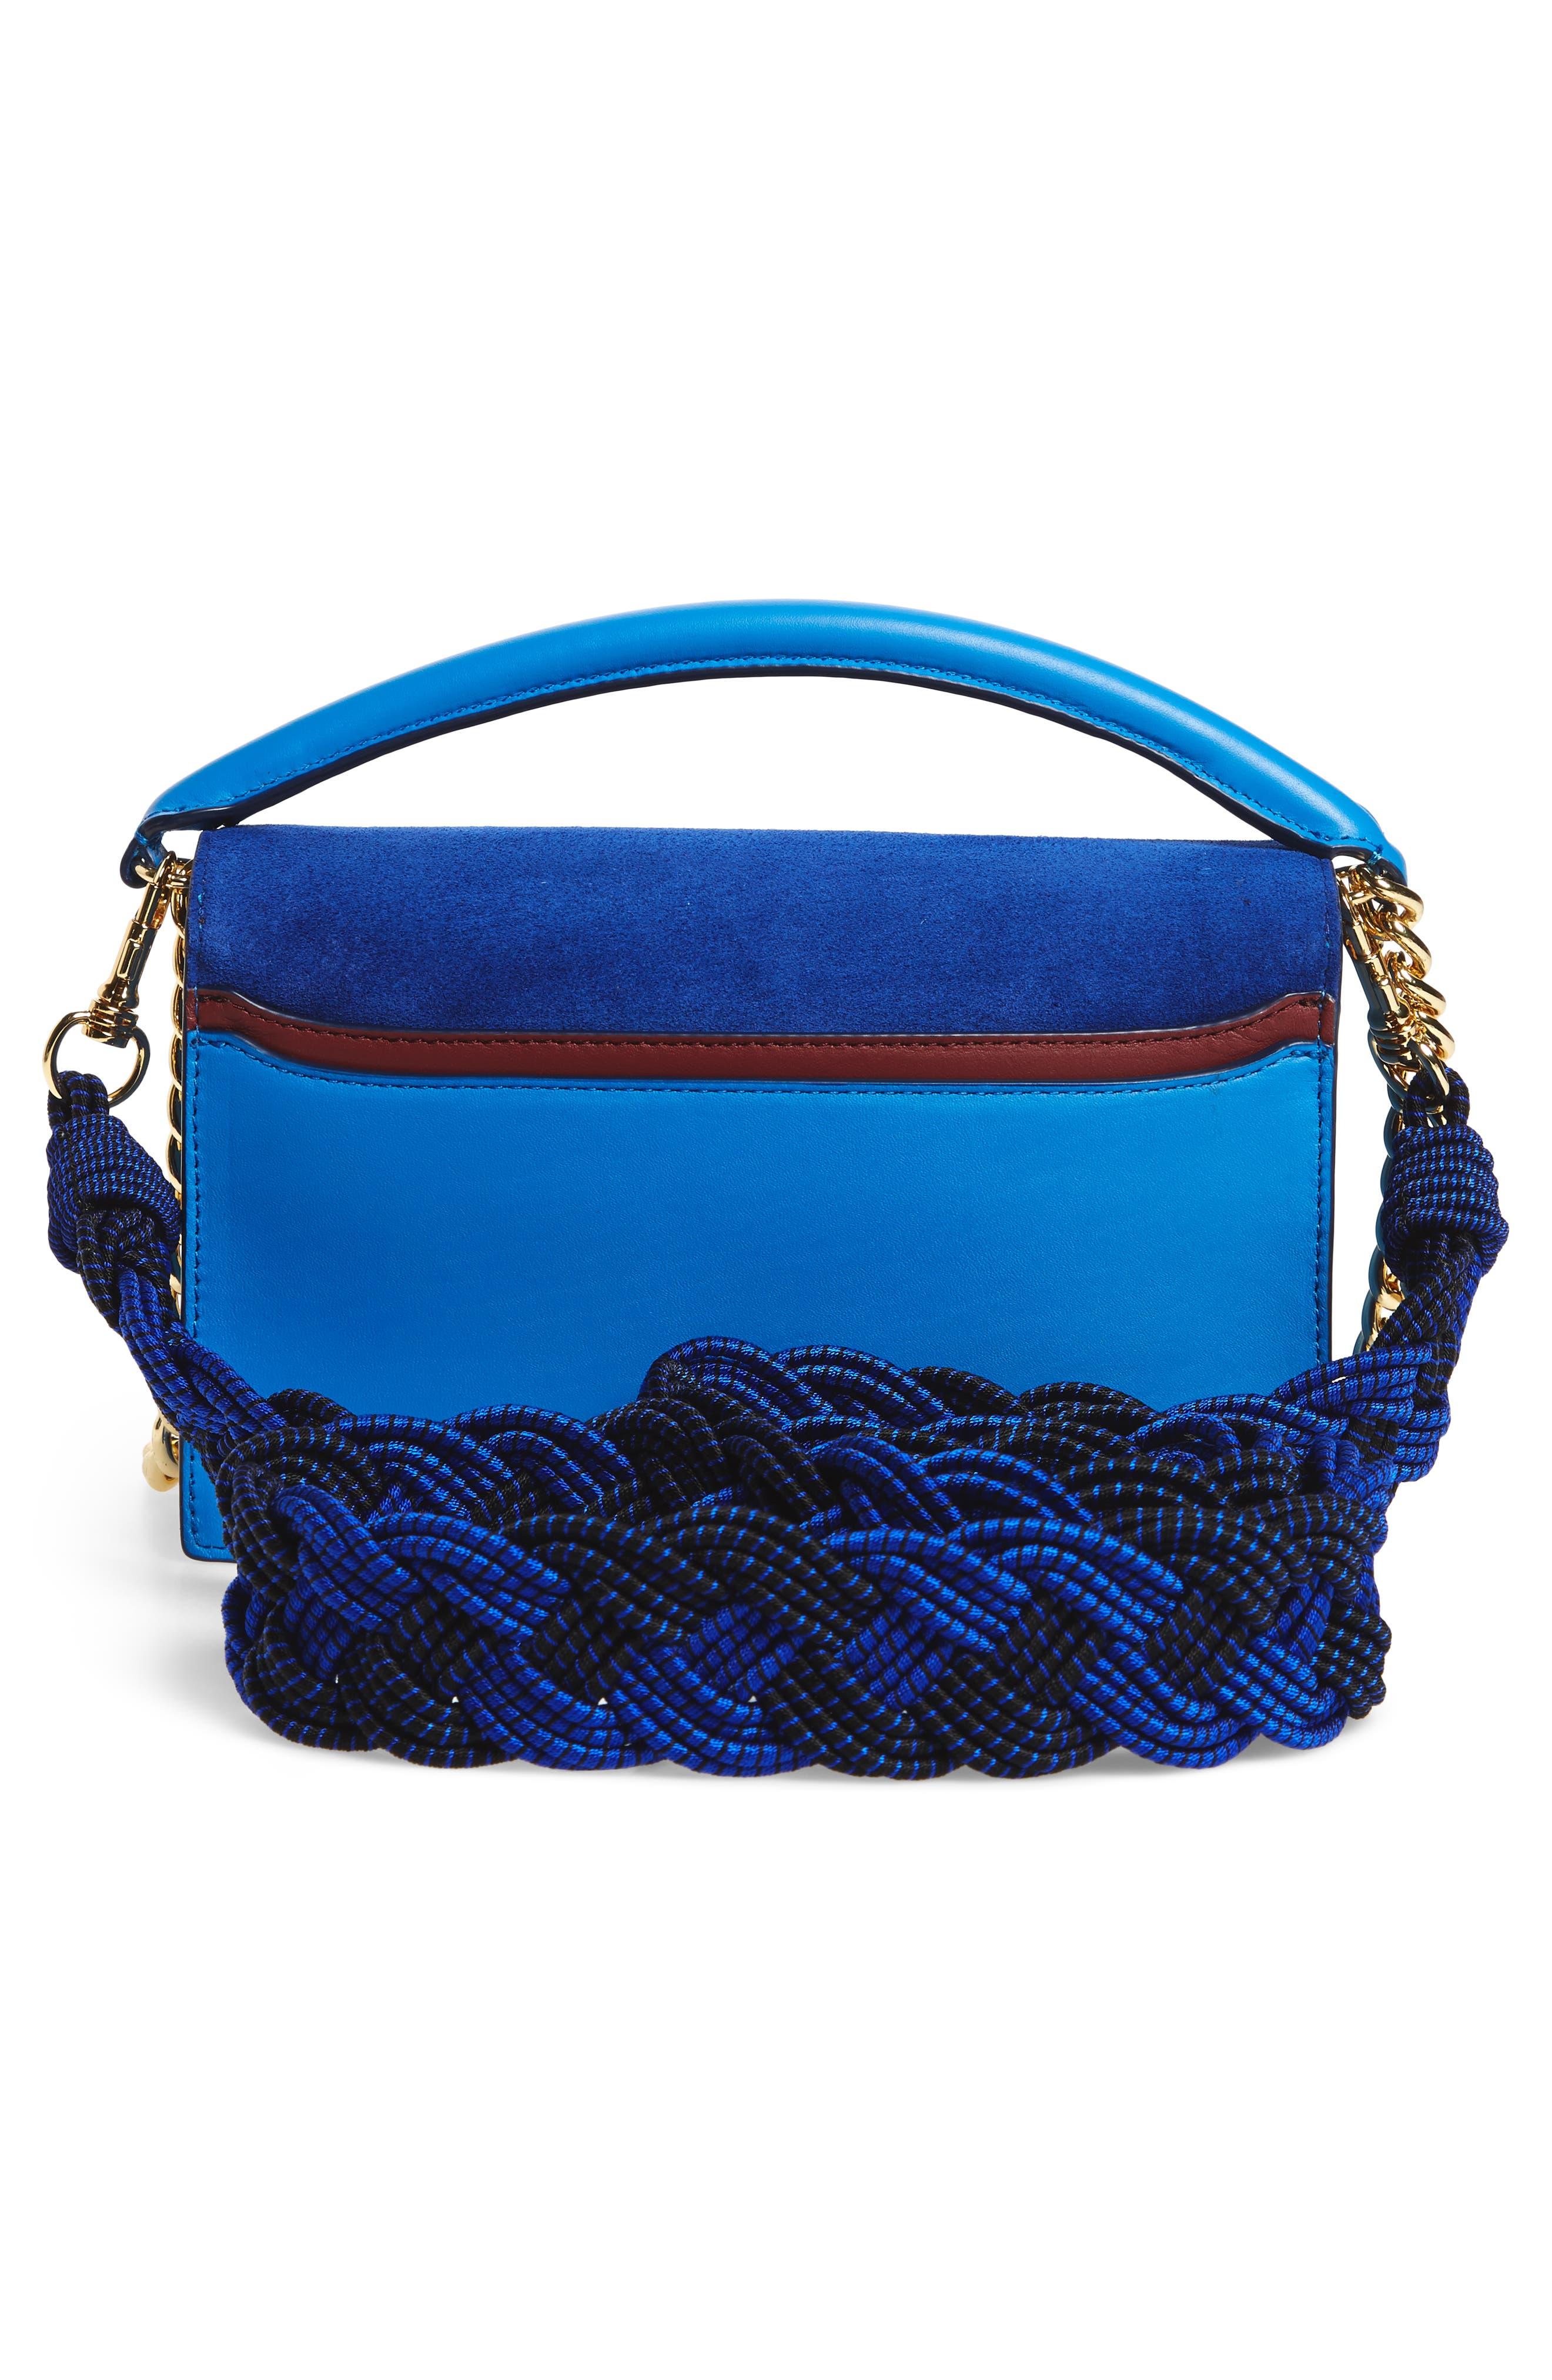 Bonne Soirée Leather & Suede Top Handle Bag,                             Alternate thumbnail 3, color,                             400